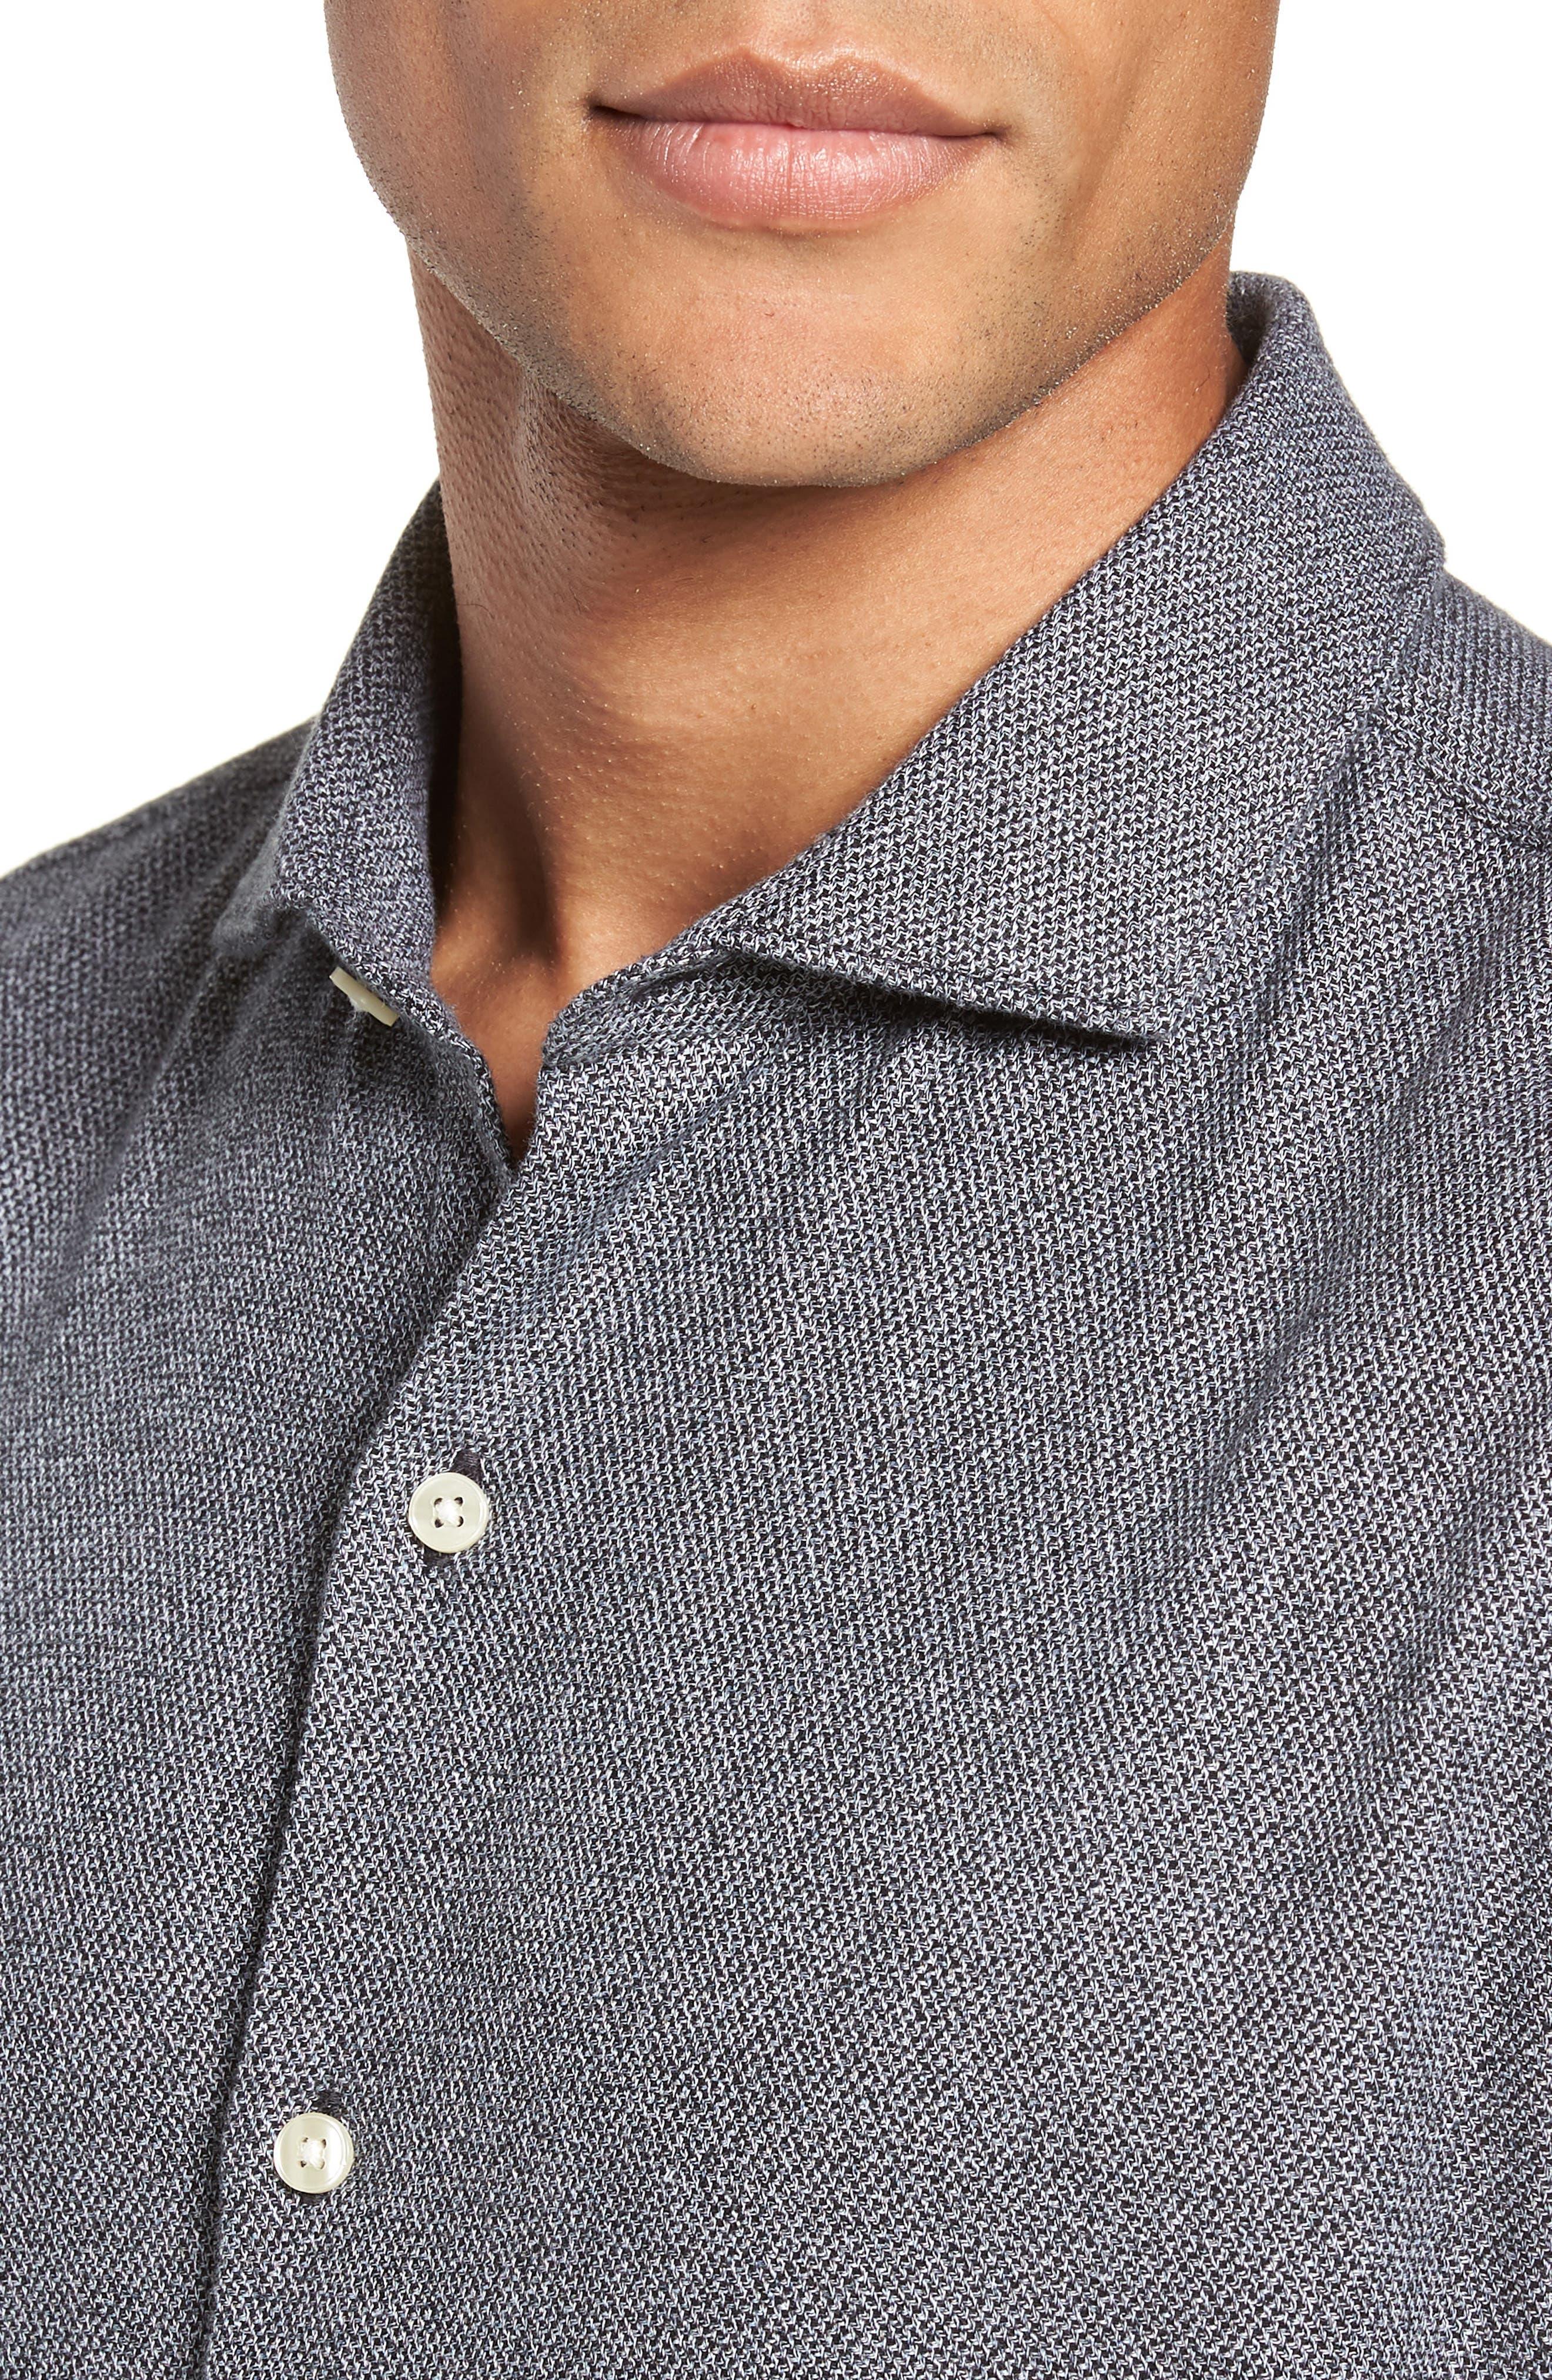 Unbutton Slim Fit Sport Shirt,                             Alternate thumbnail 2, color,                             JASPE TEXTURE - STERLING